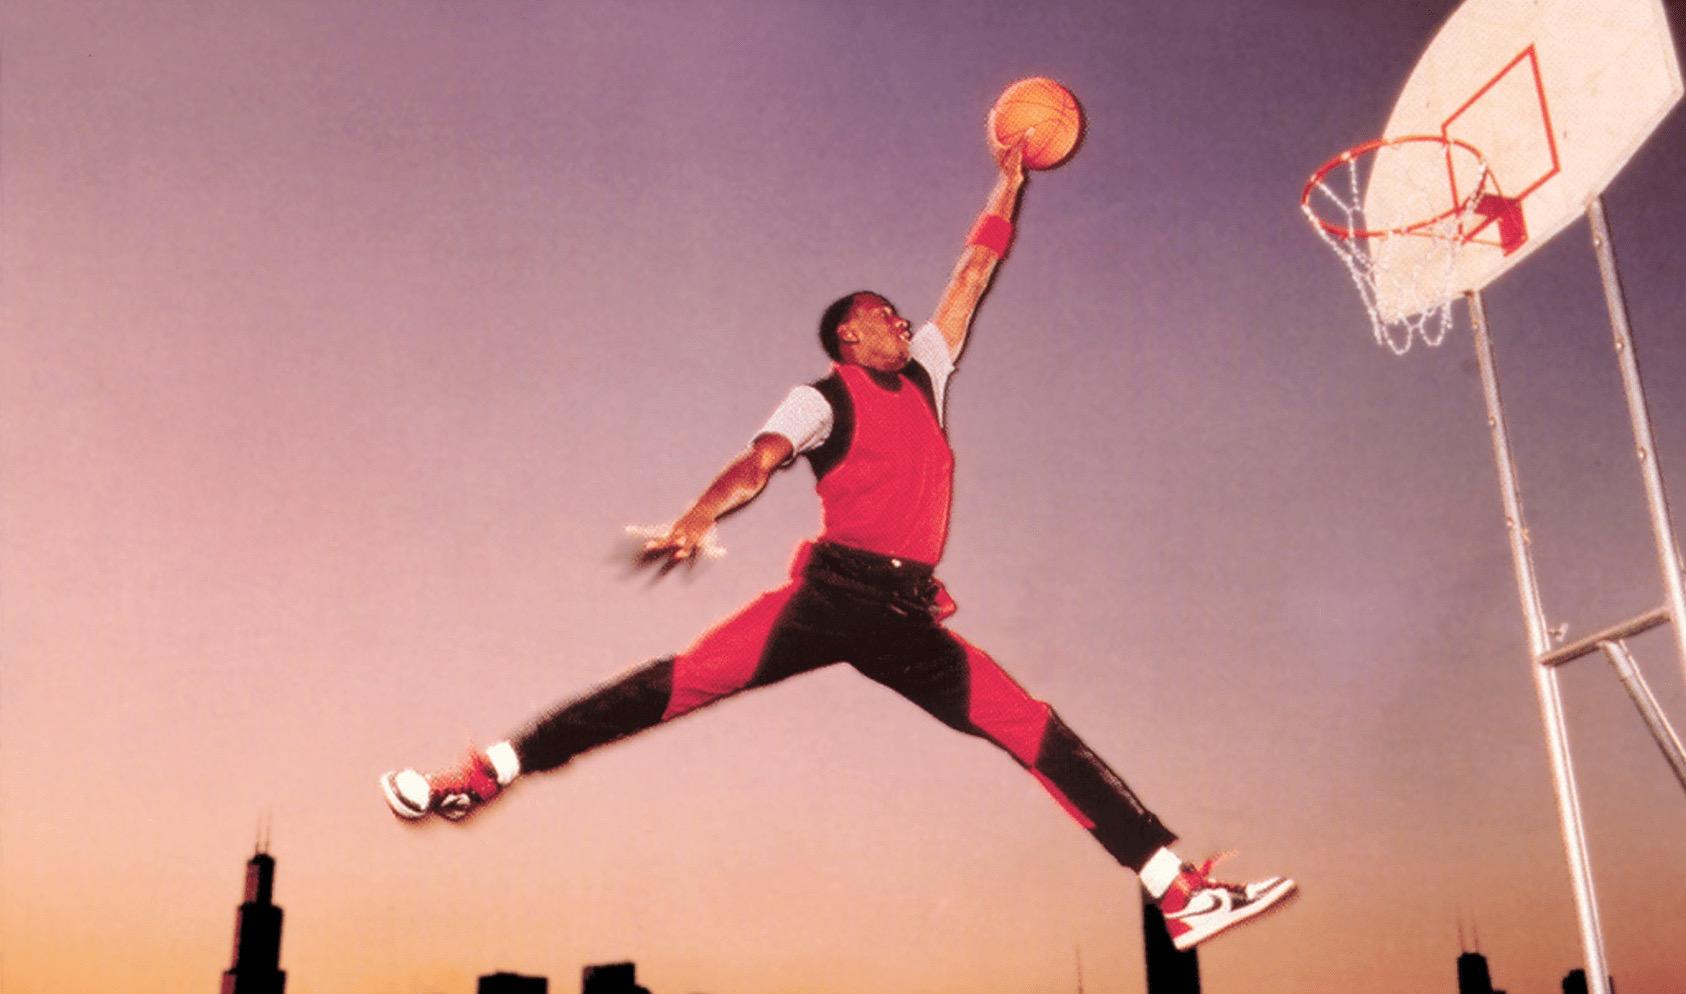 Wie groß ist die Schuhgröße von Michael Jordan?